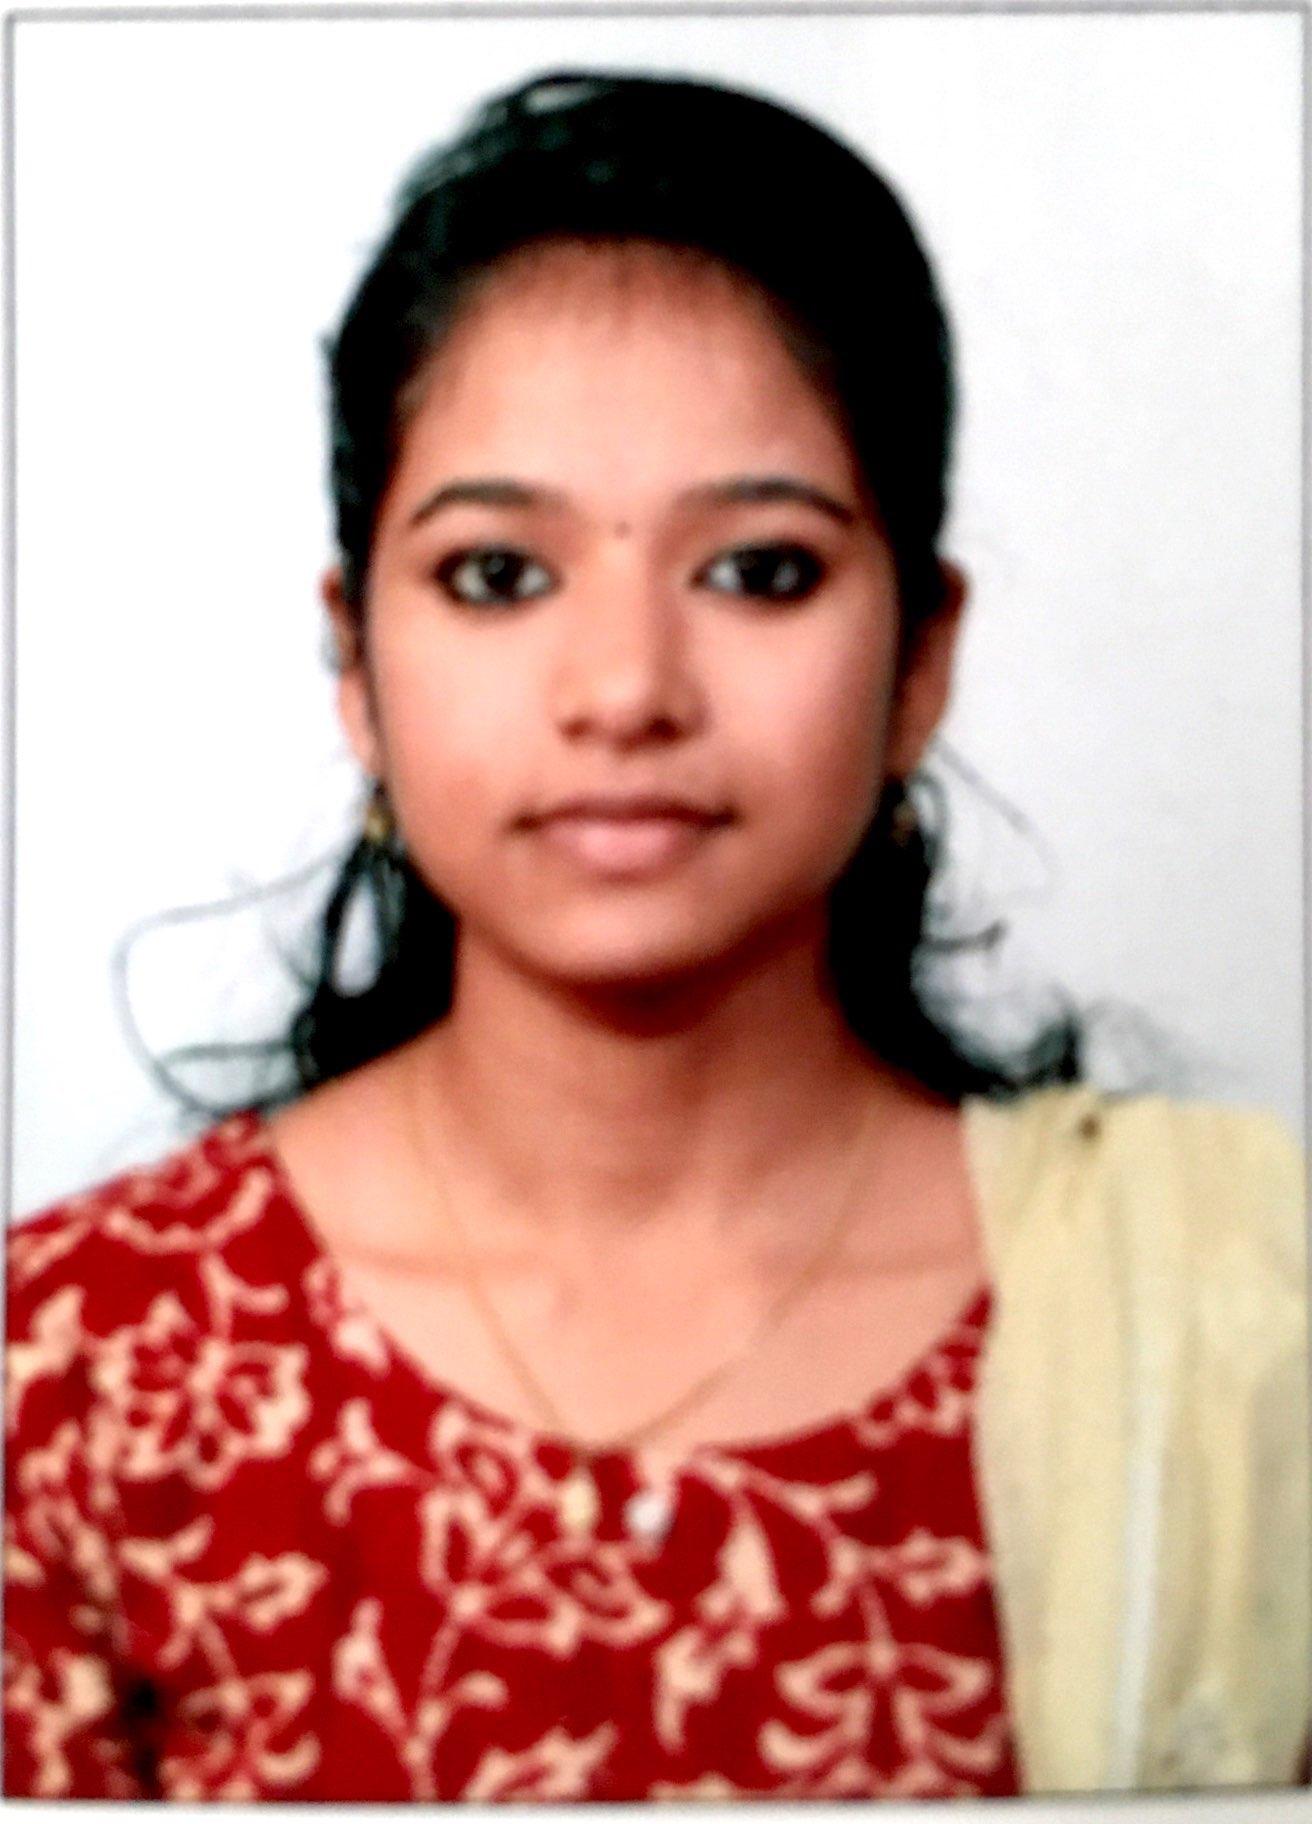 Ms. Prathyusha T